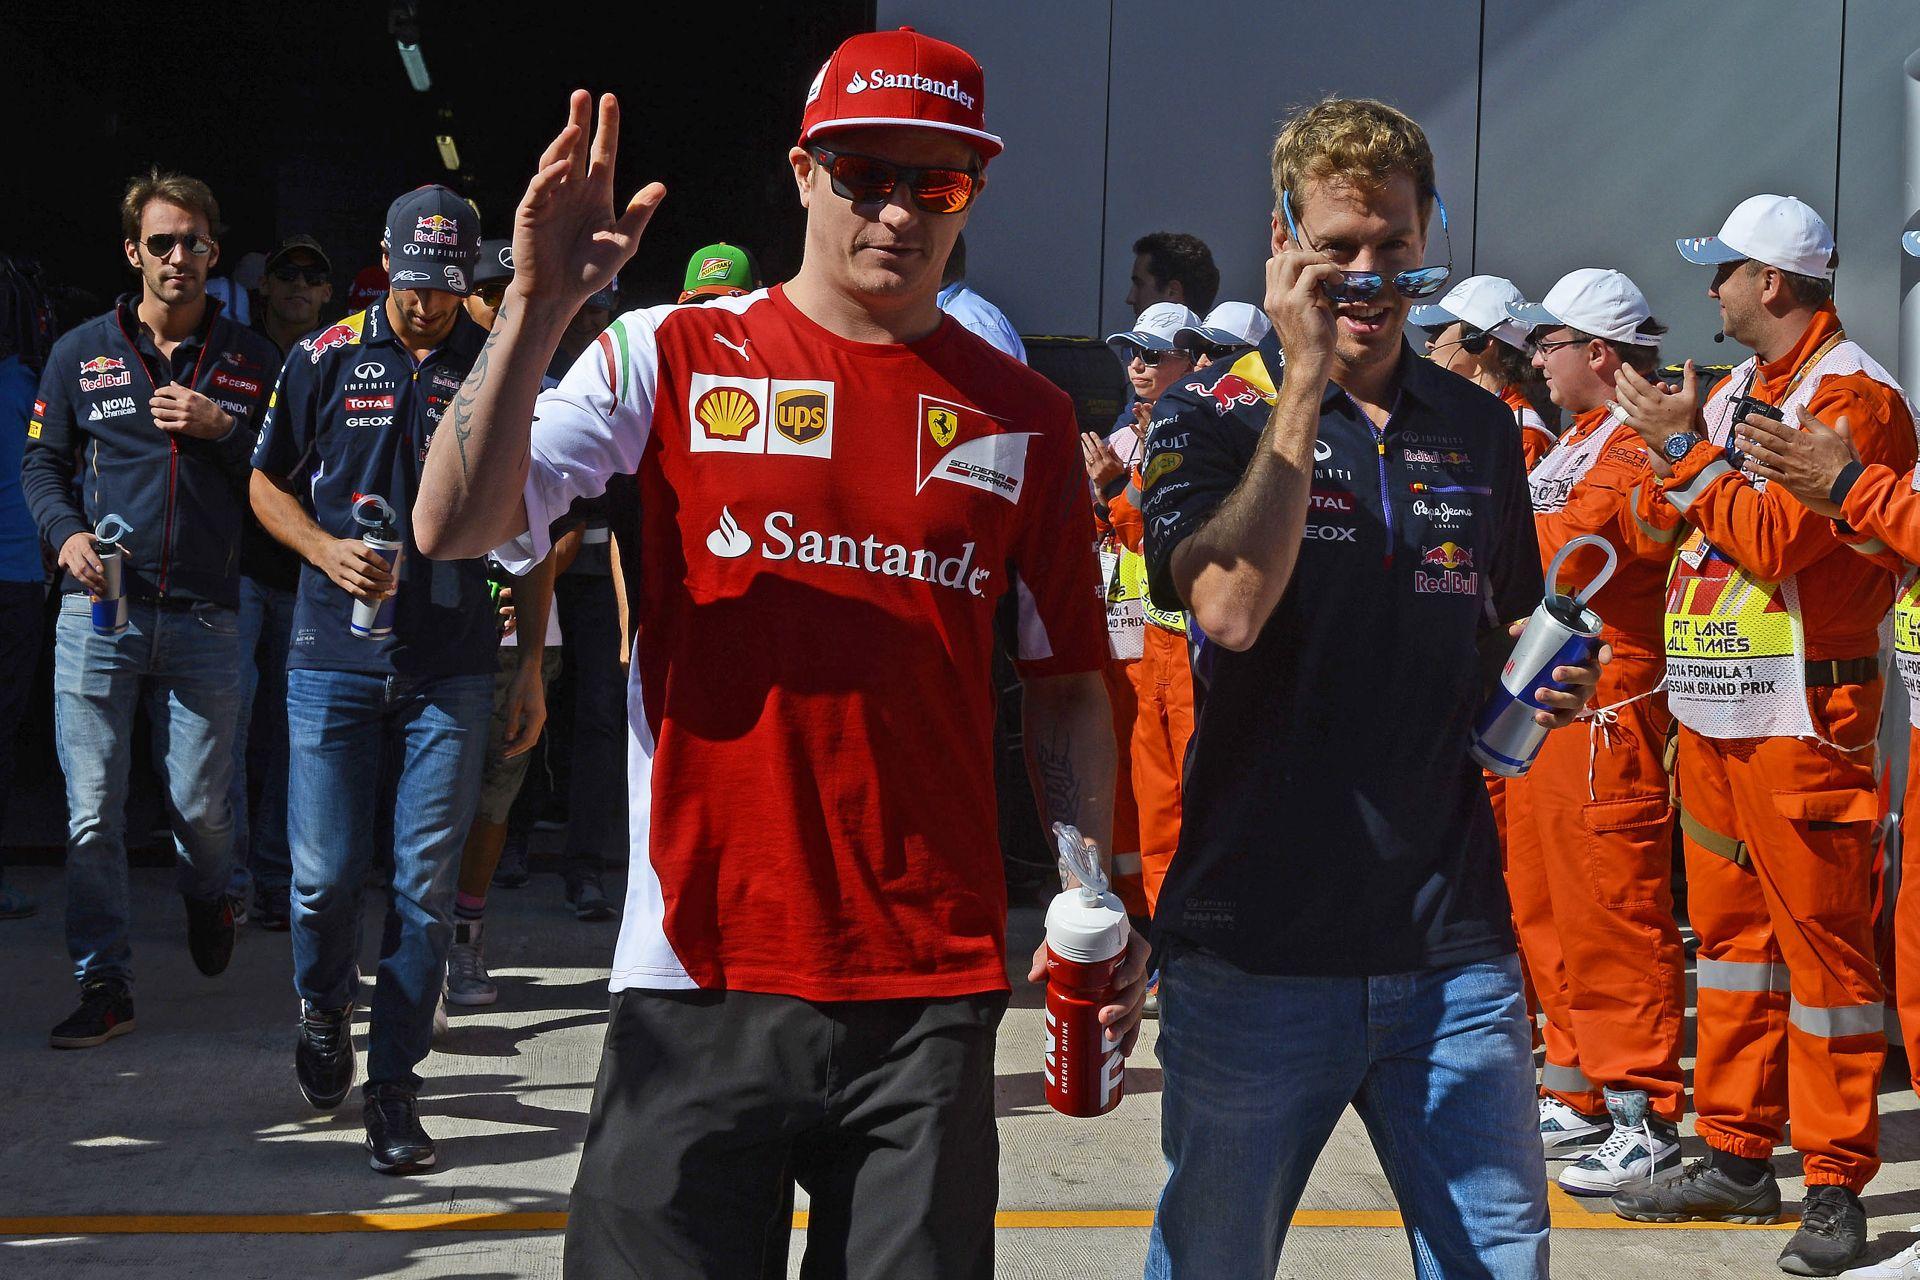 Nagy előrelépés a Ferrarinál az aerodinamikában: Mégsem lesz olyan rossz a 2015-ös F1-es gép?